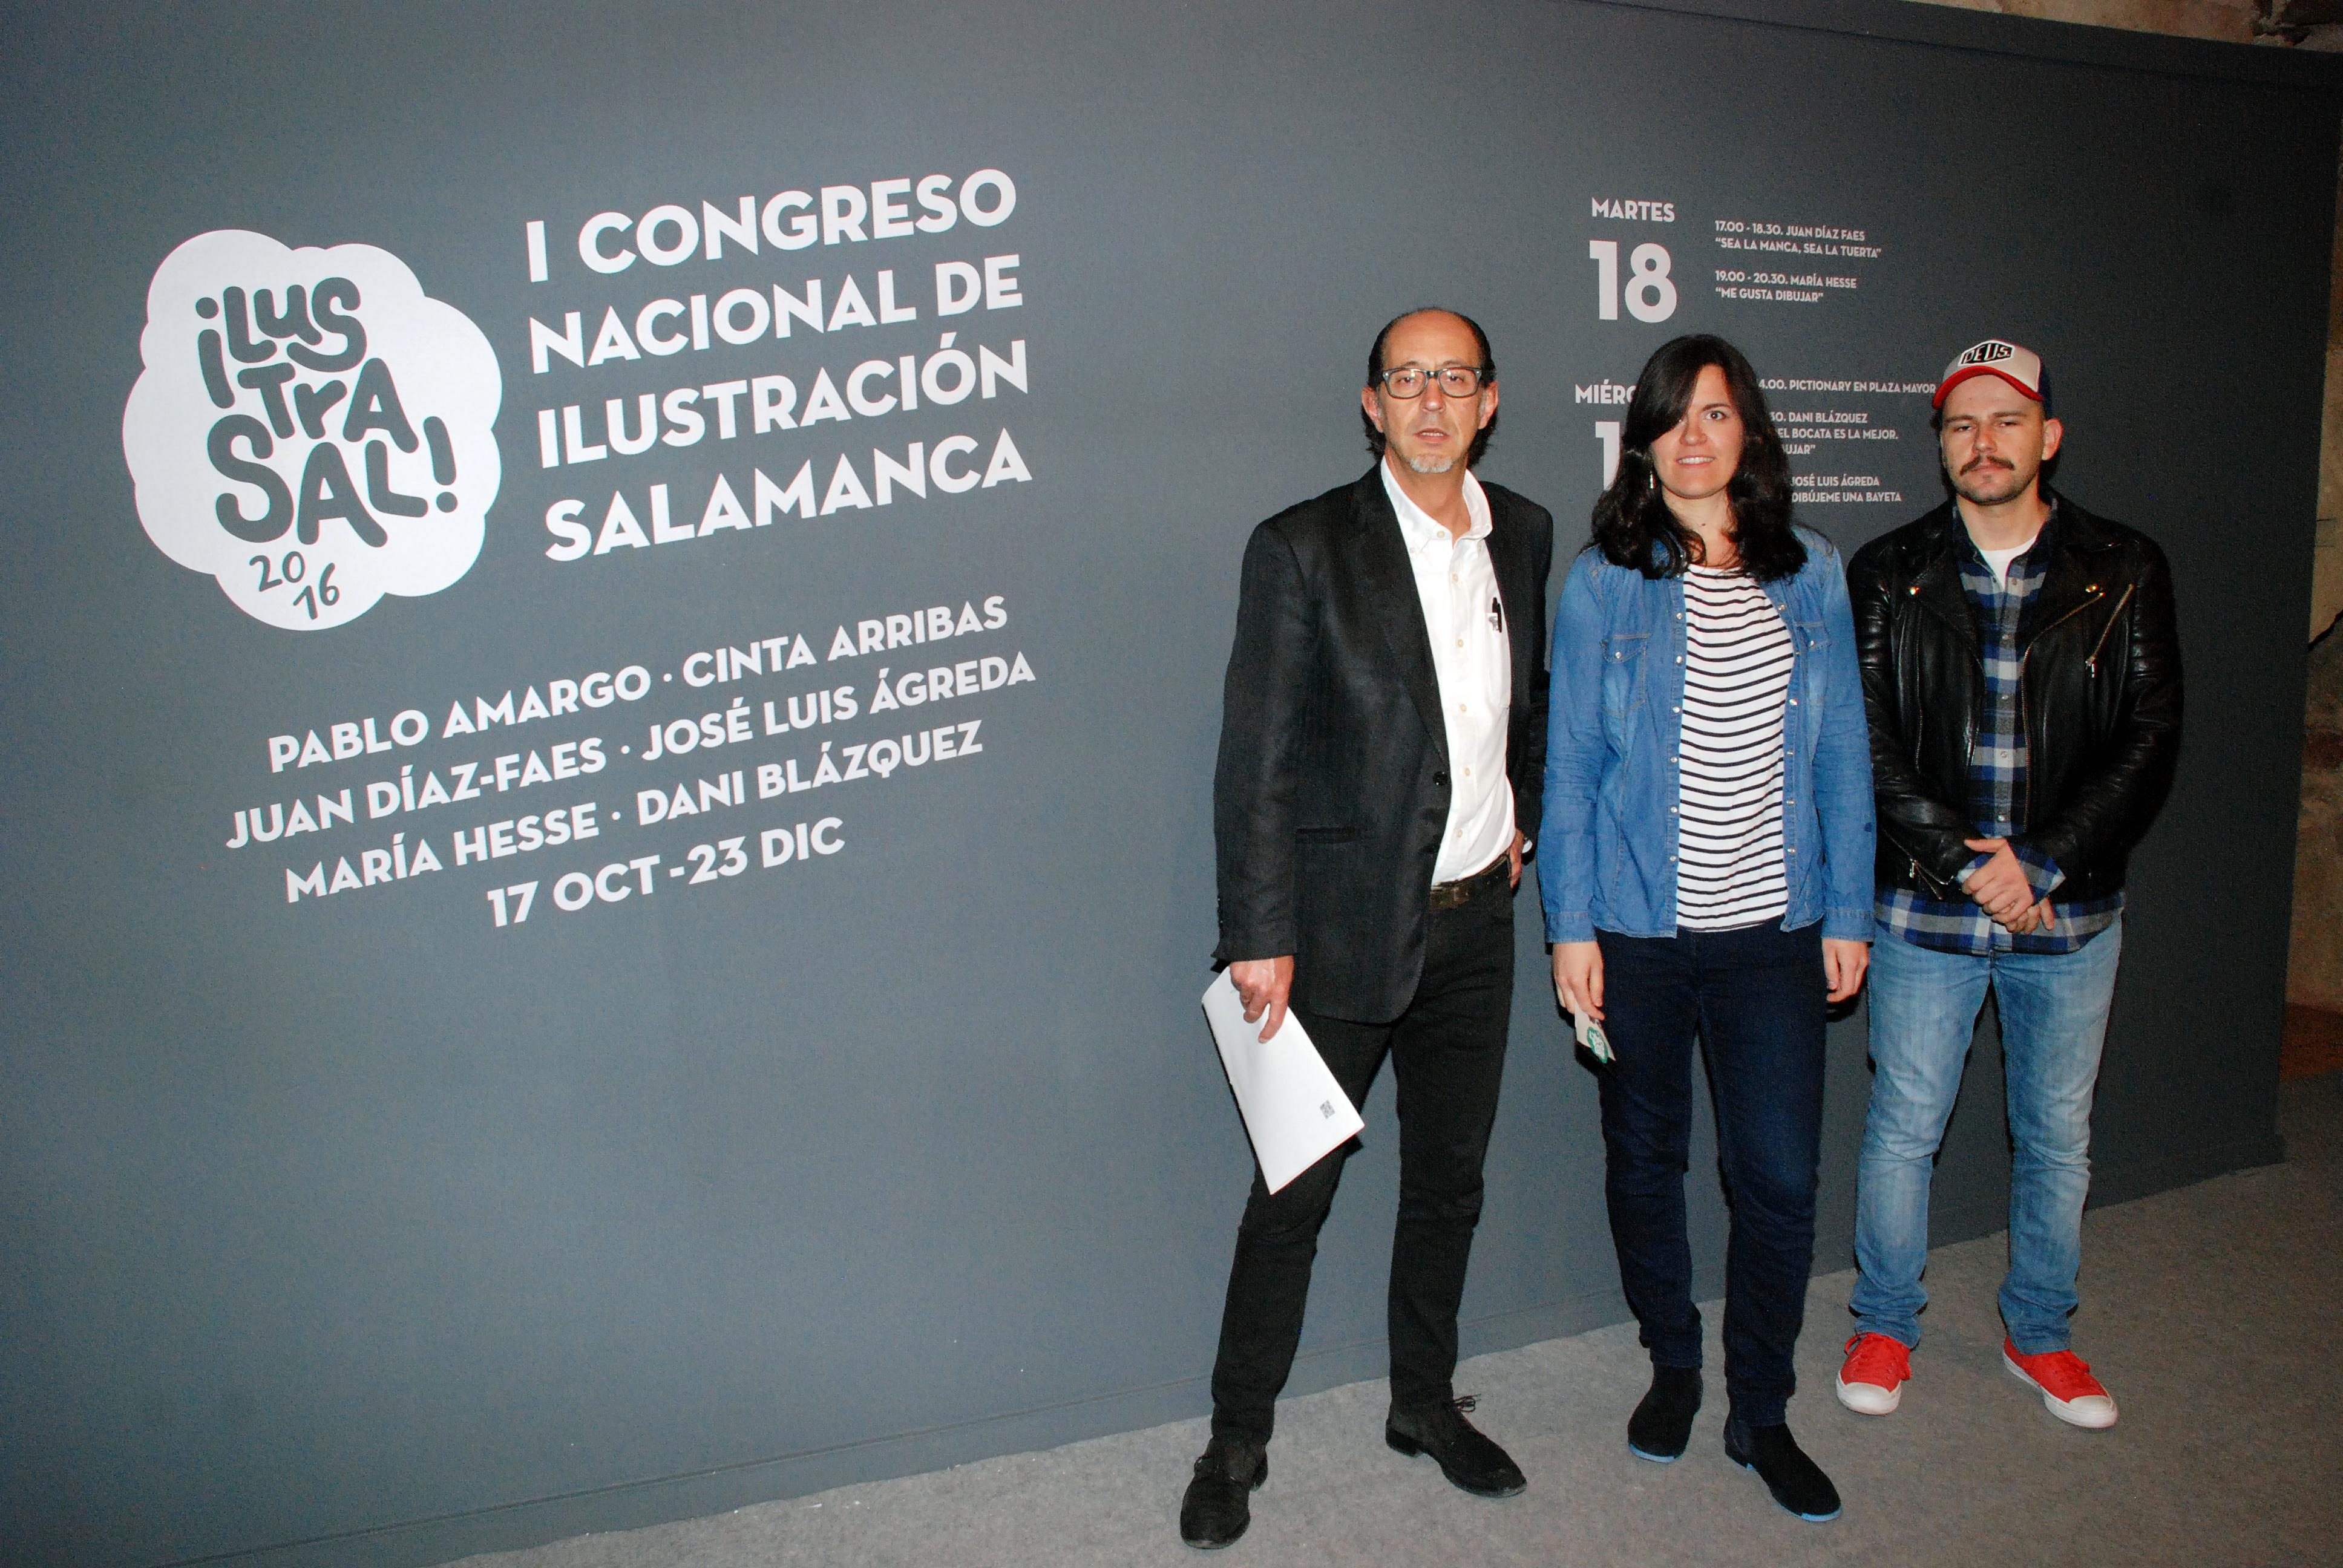 La Universidad de Salamanca se convierte durante cuatro días en el epicentro de la ilustración salmantina